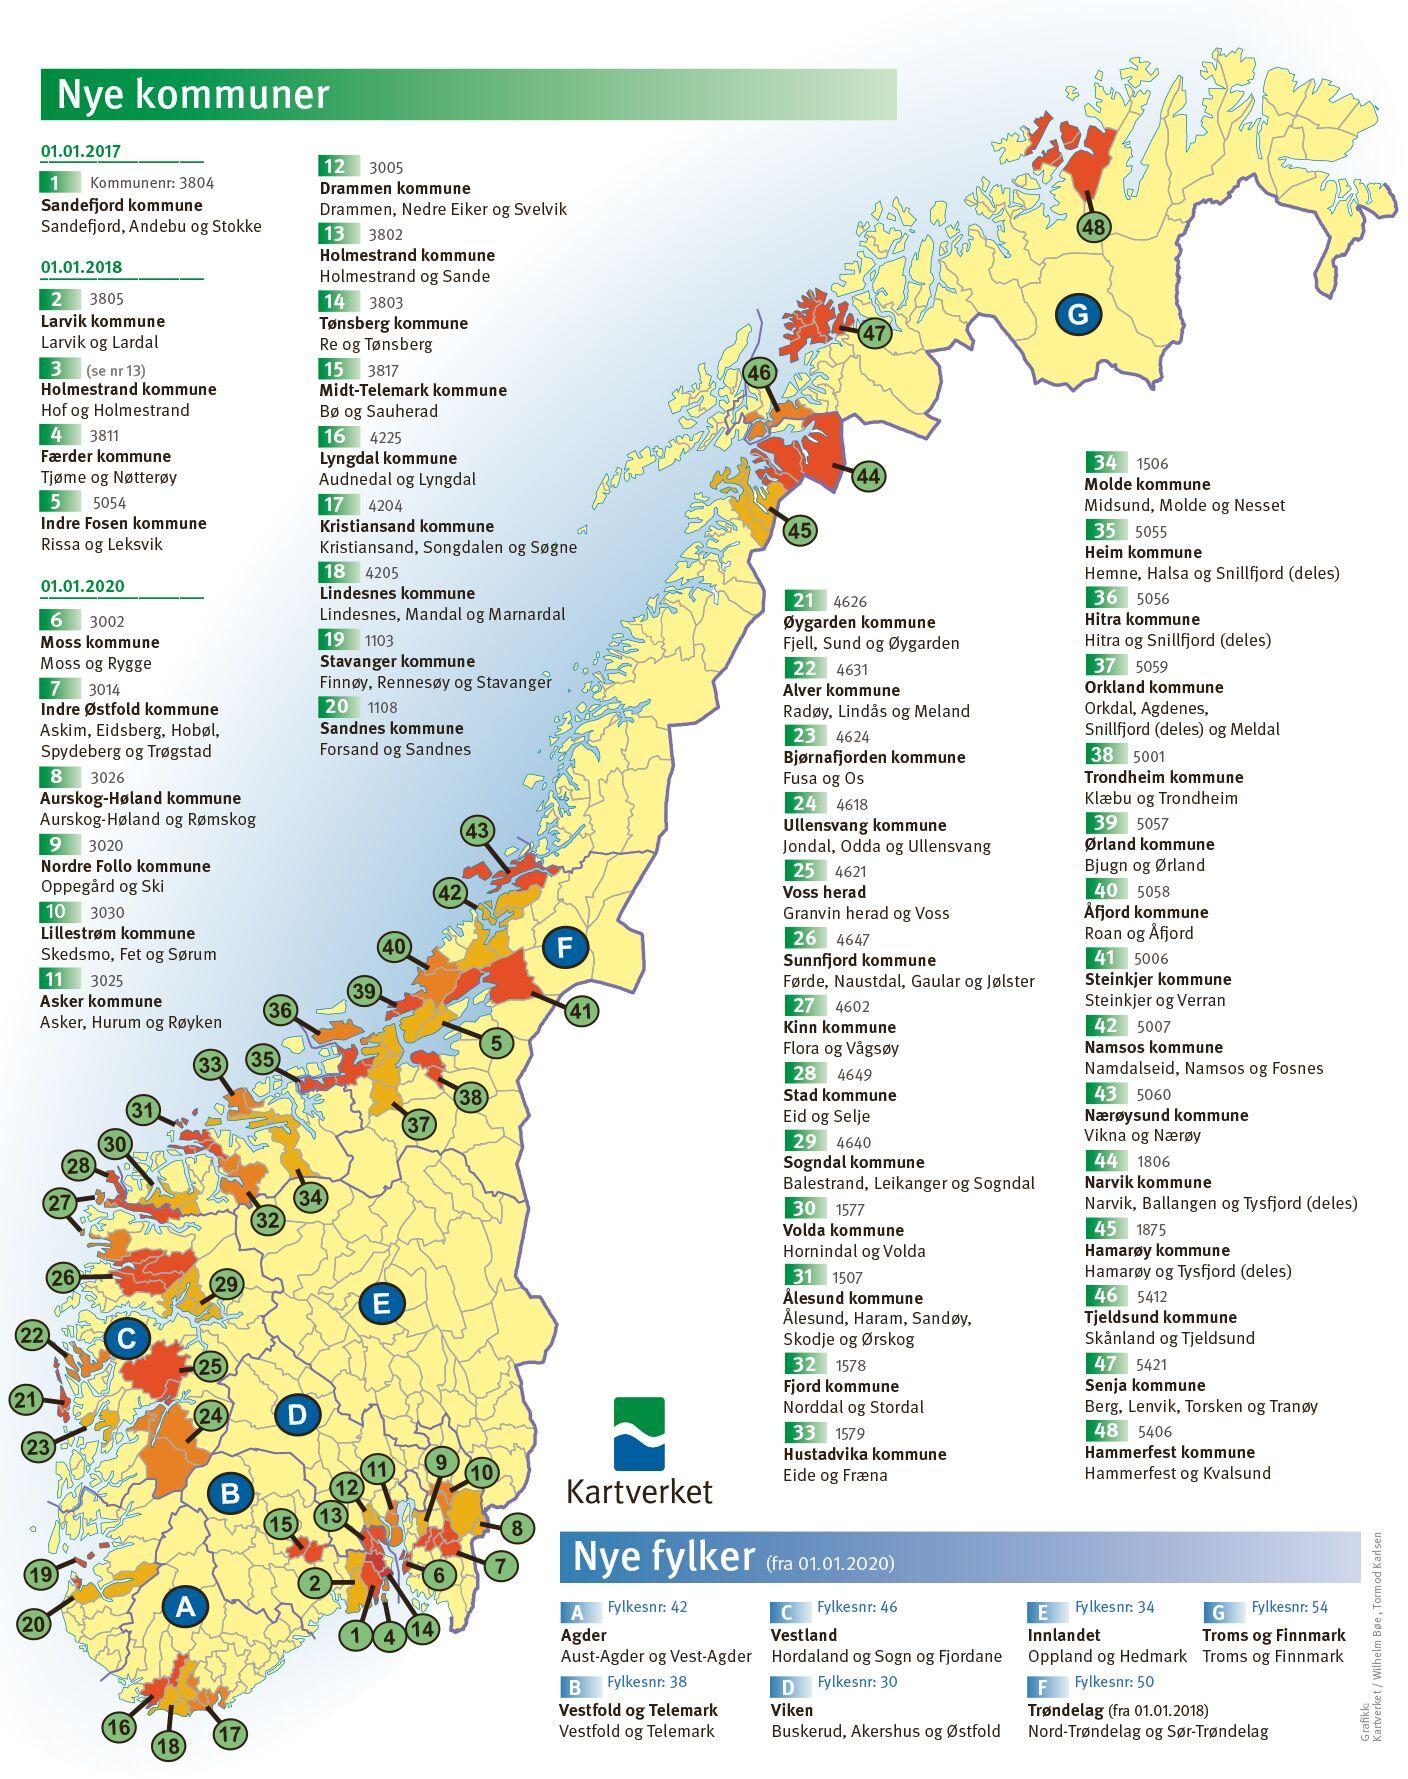 Noen Fakta Om Nye Kommuner Fra 2020 Ks